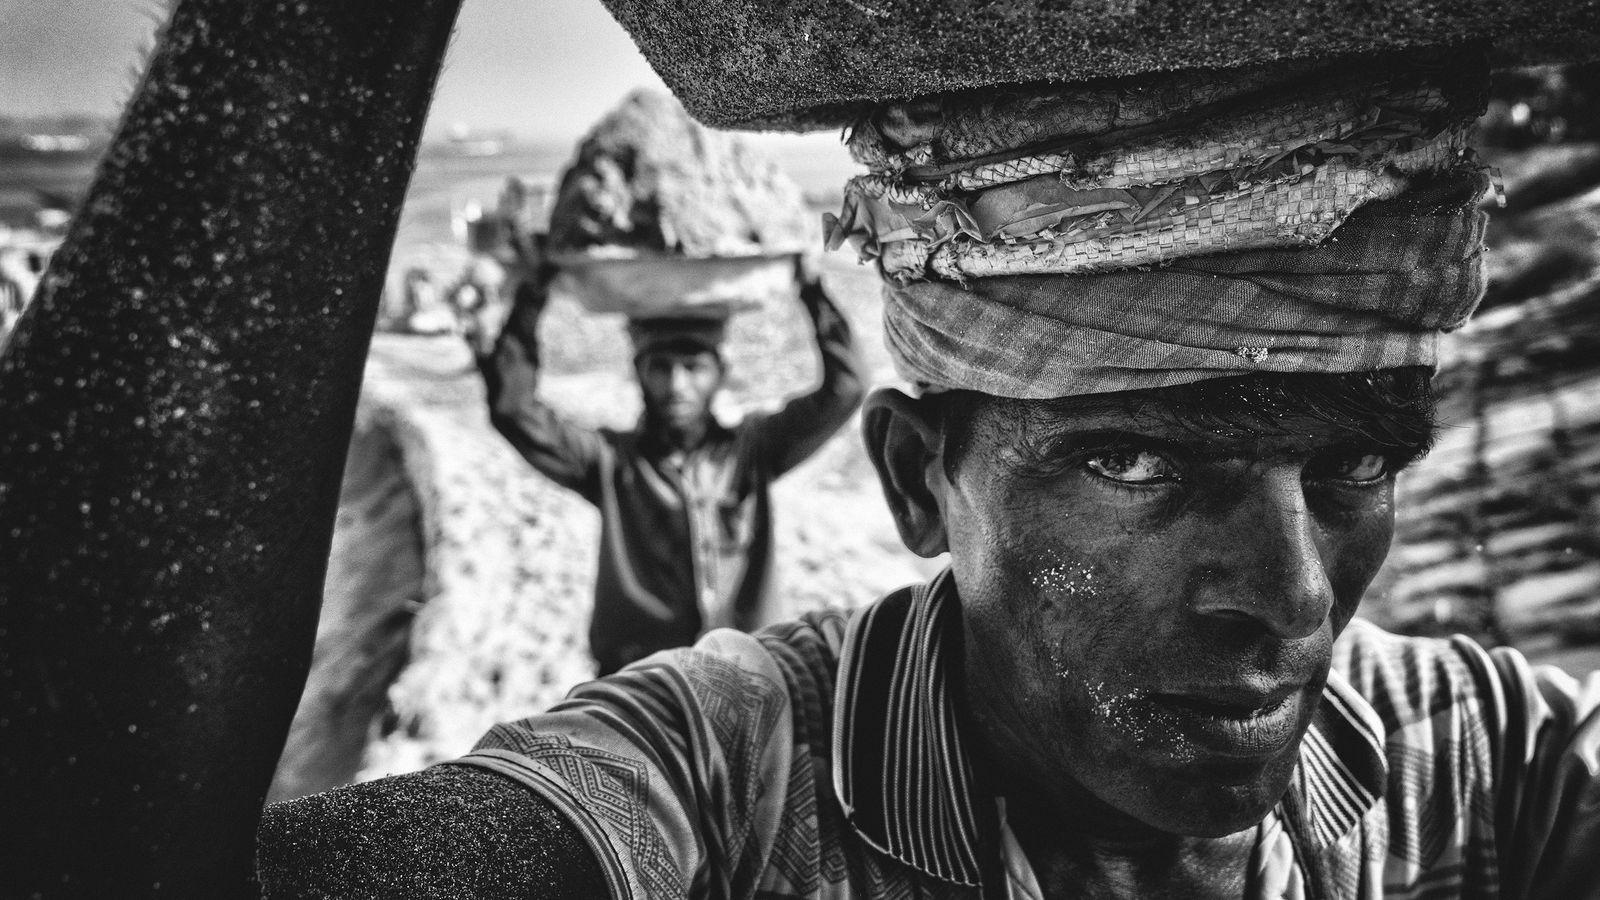 Concurso do Fotógrafo Viajante do Ano - 2017